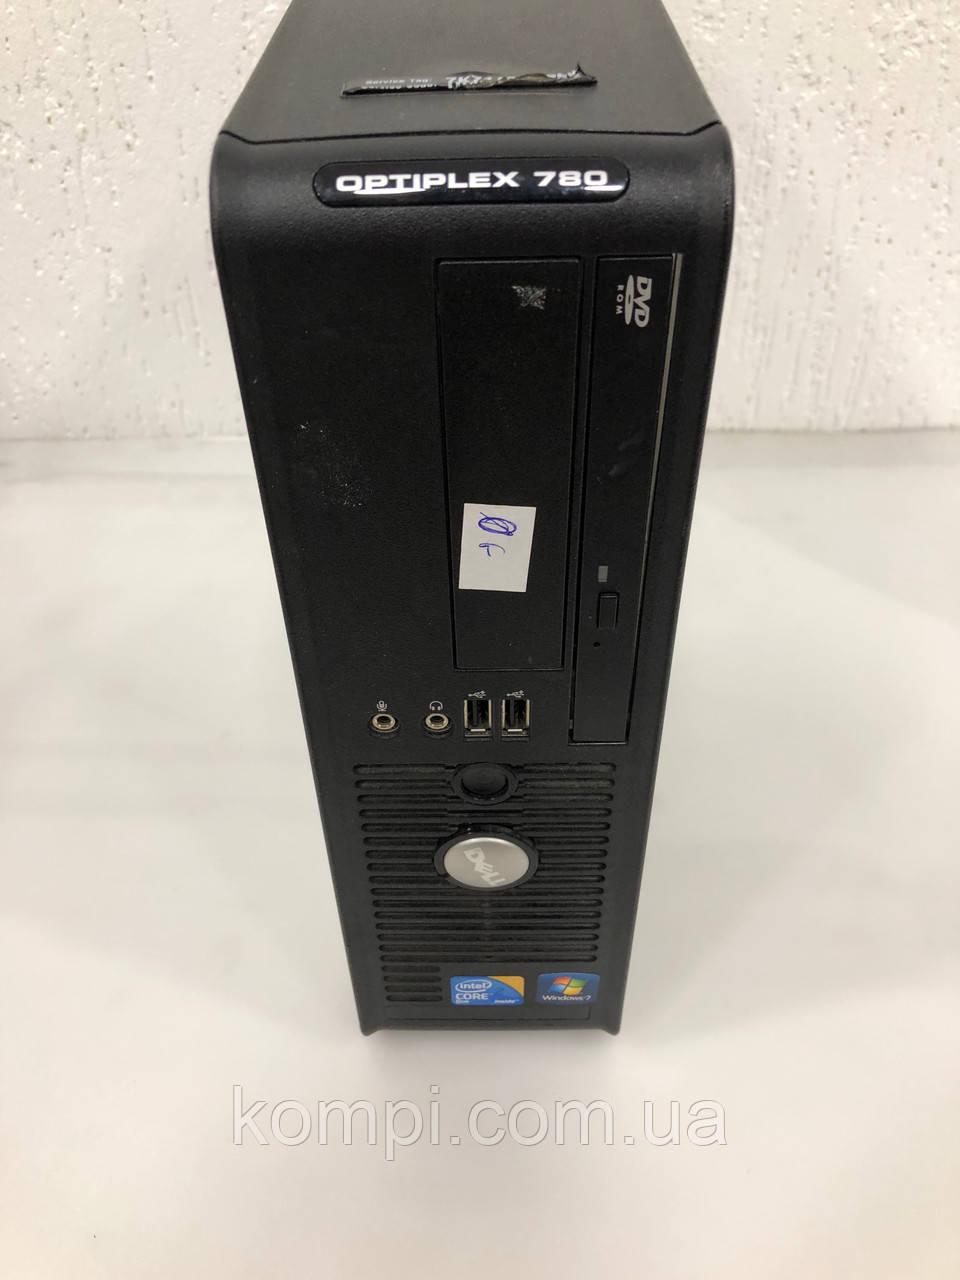 Системний блок DELL 780 SFF (Core 2 Duo E7500/2Gb DDR3/Video INTG/HDD 80GB /DVD)